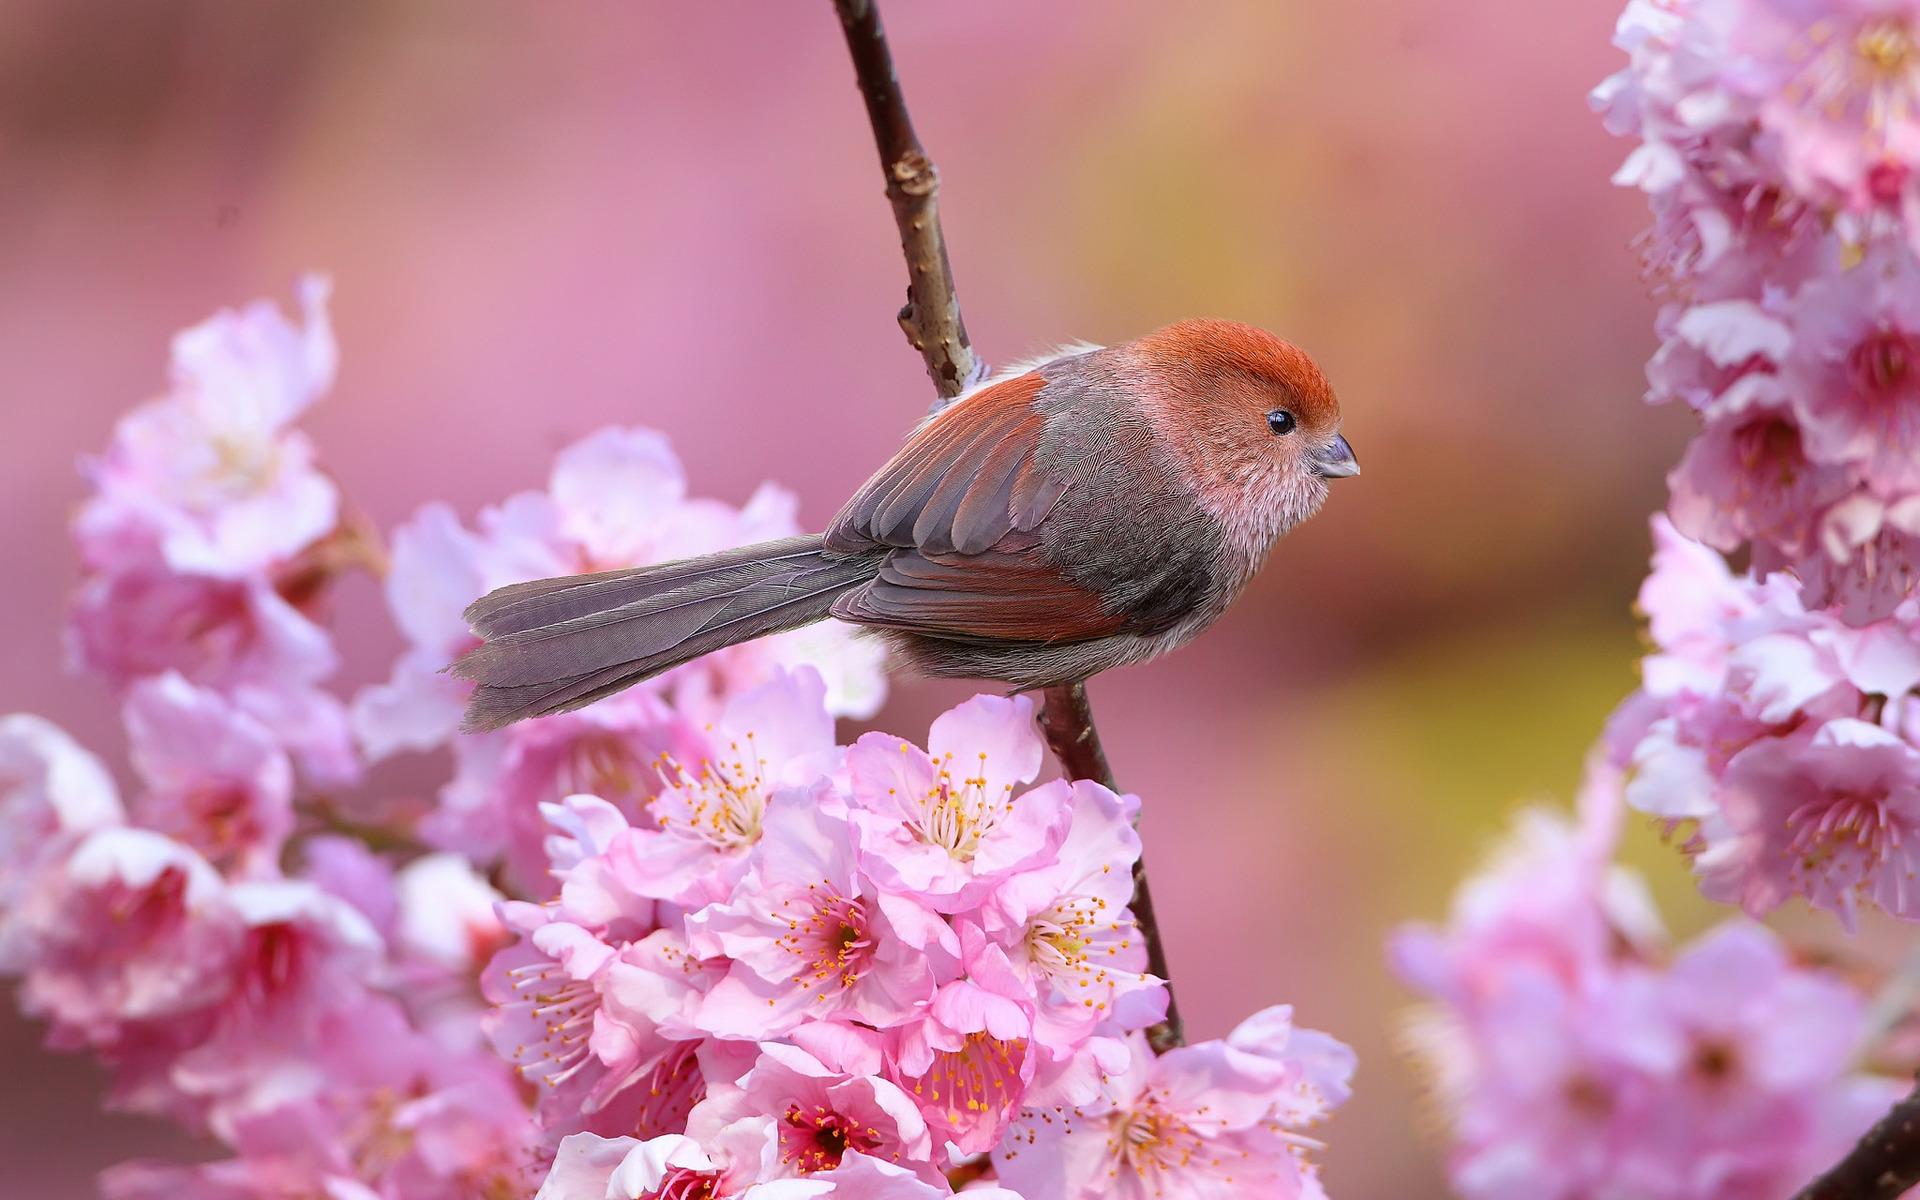 природа птицы животные весна  № 290763 бесплатно